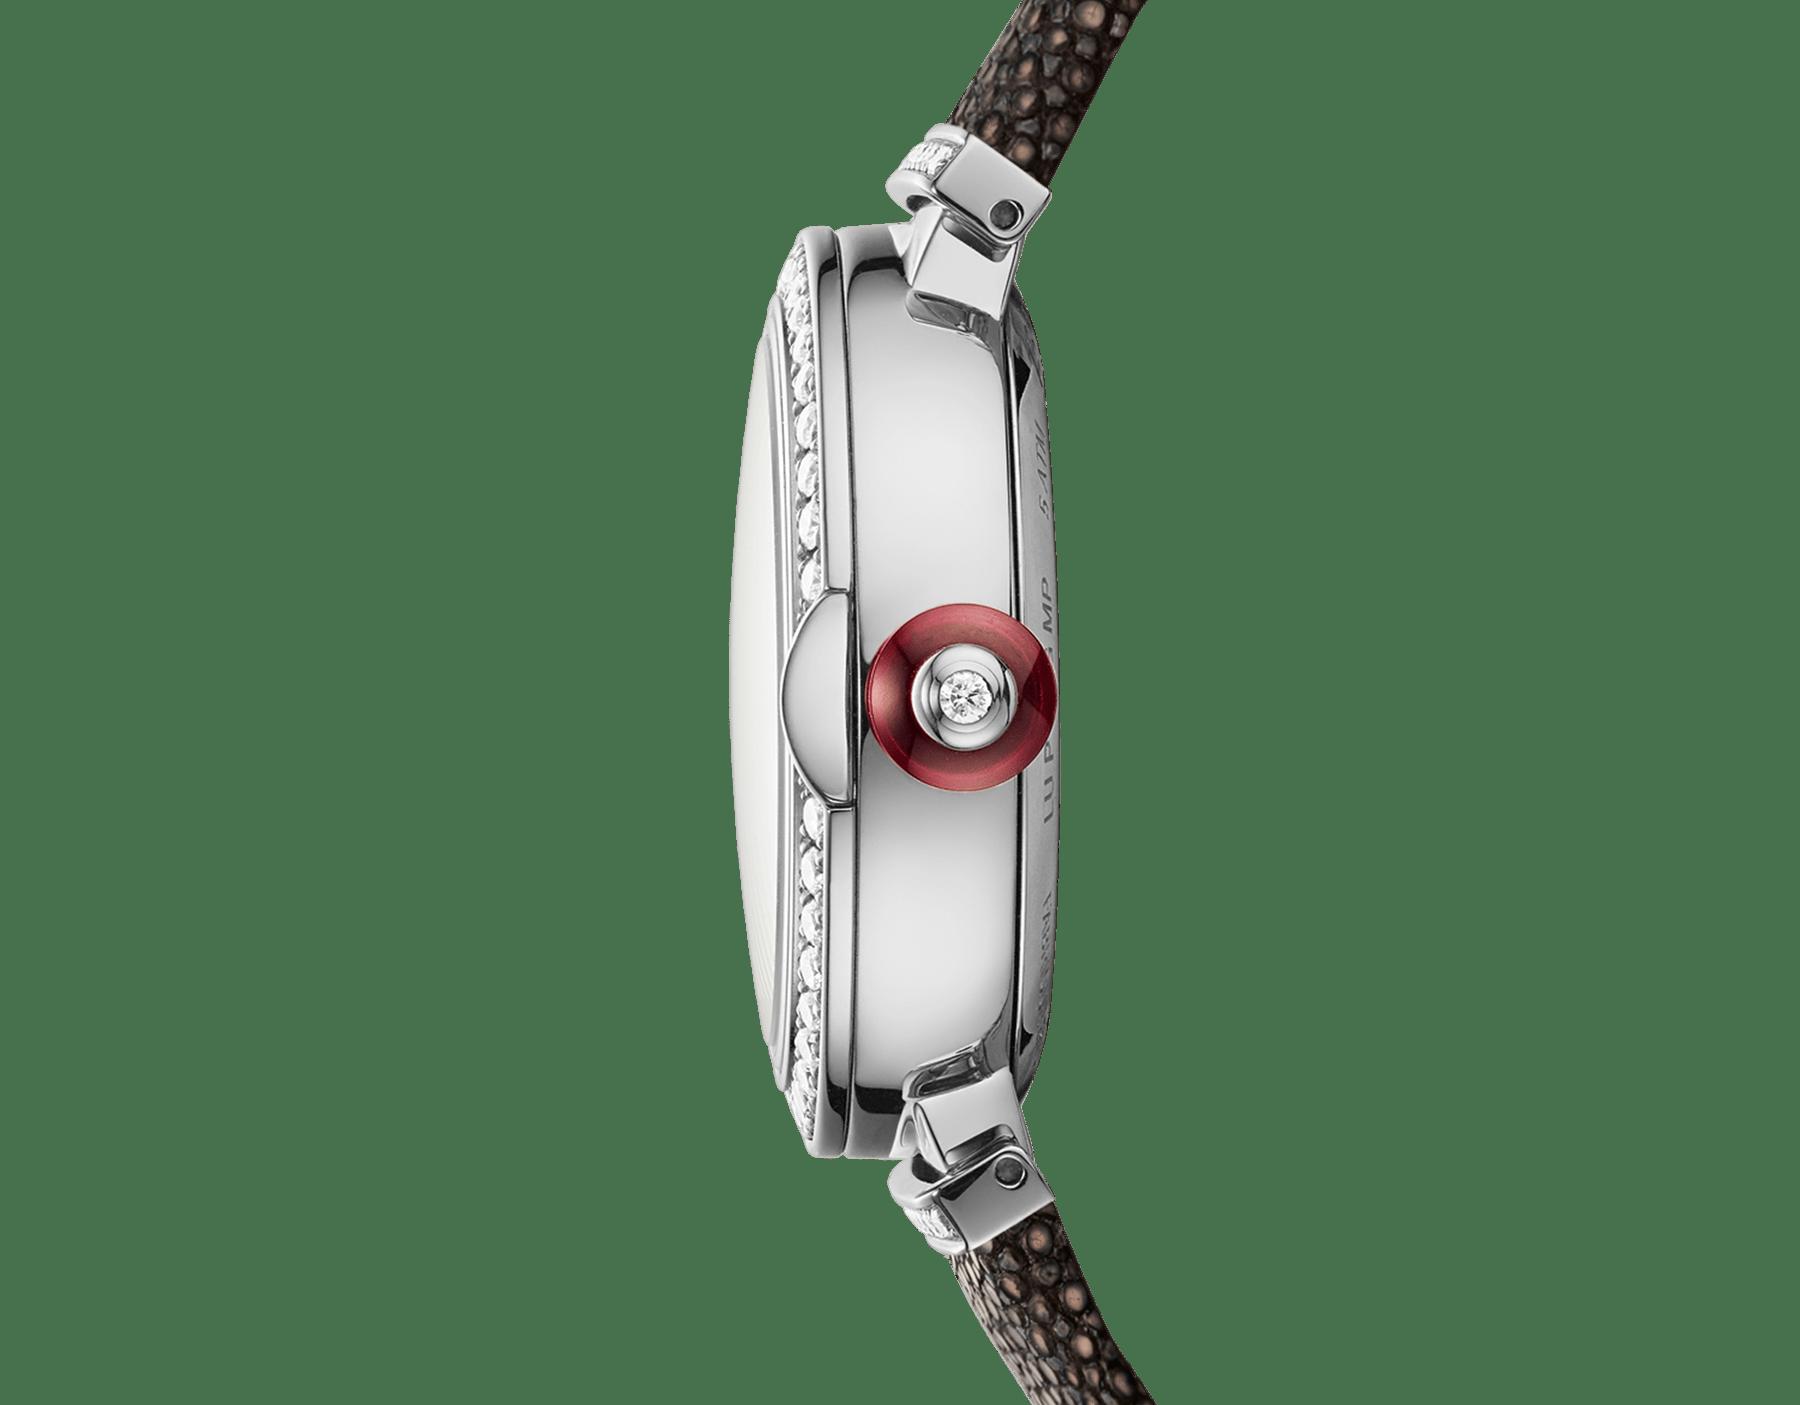 Montre LVCEA avec boîtier en or blanc 18K serti de diamants, cadran mosaïque en or blanc 18K et bracelet en galuchat. 102830 image 3